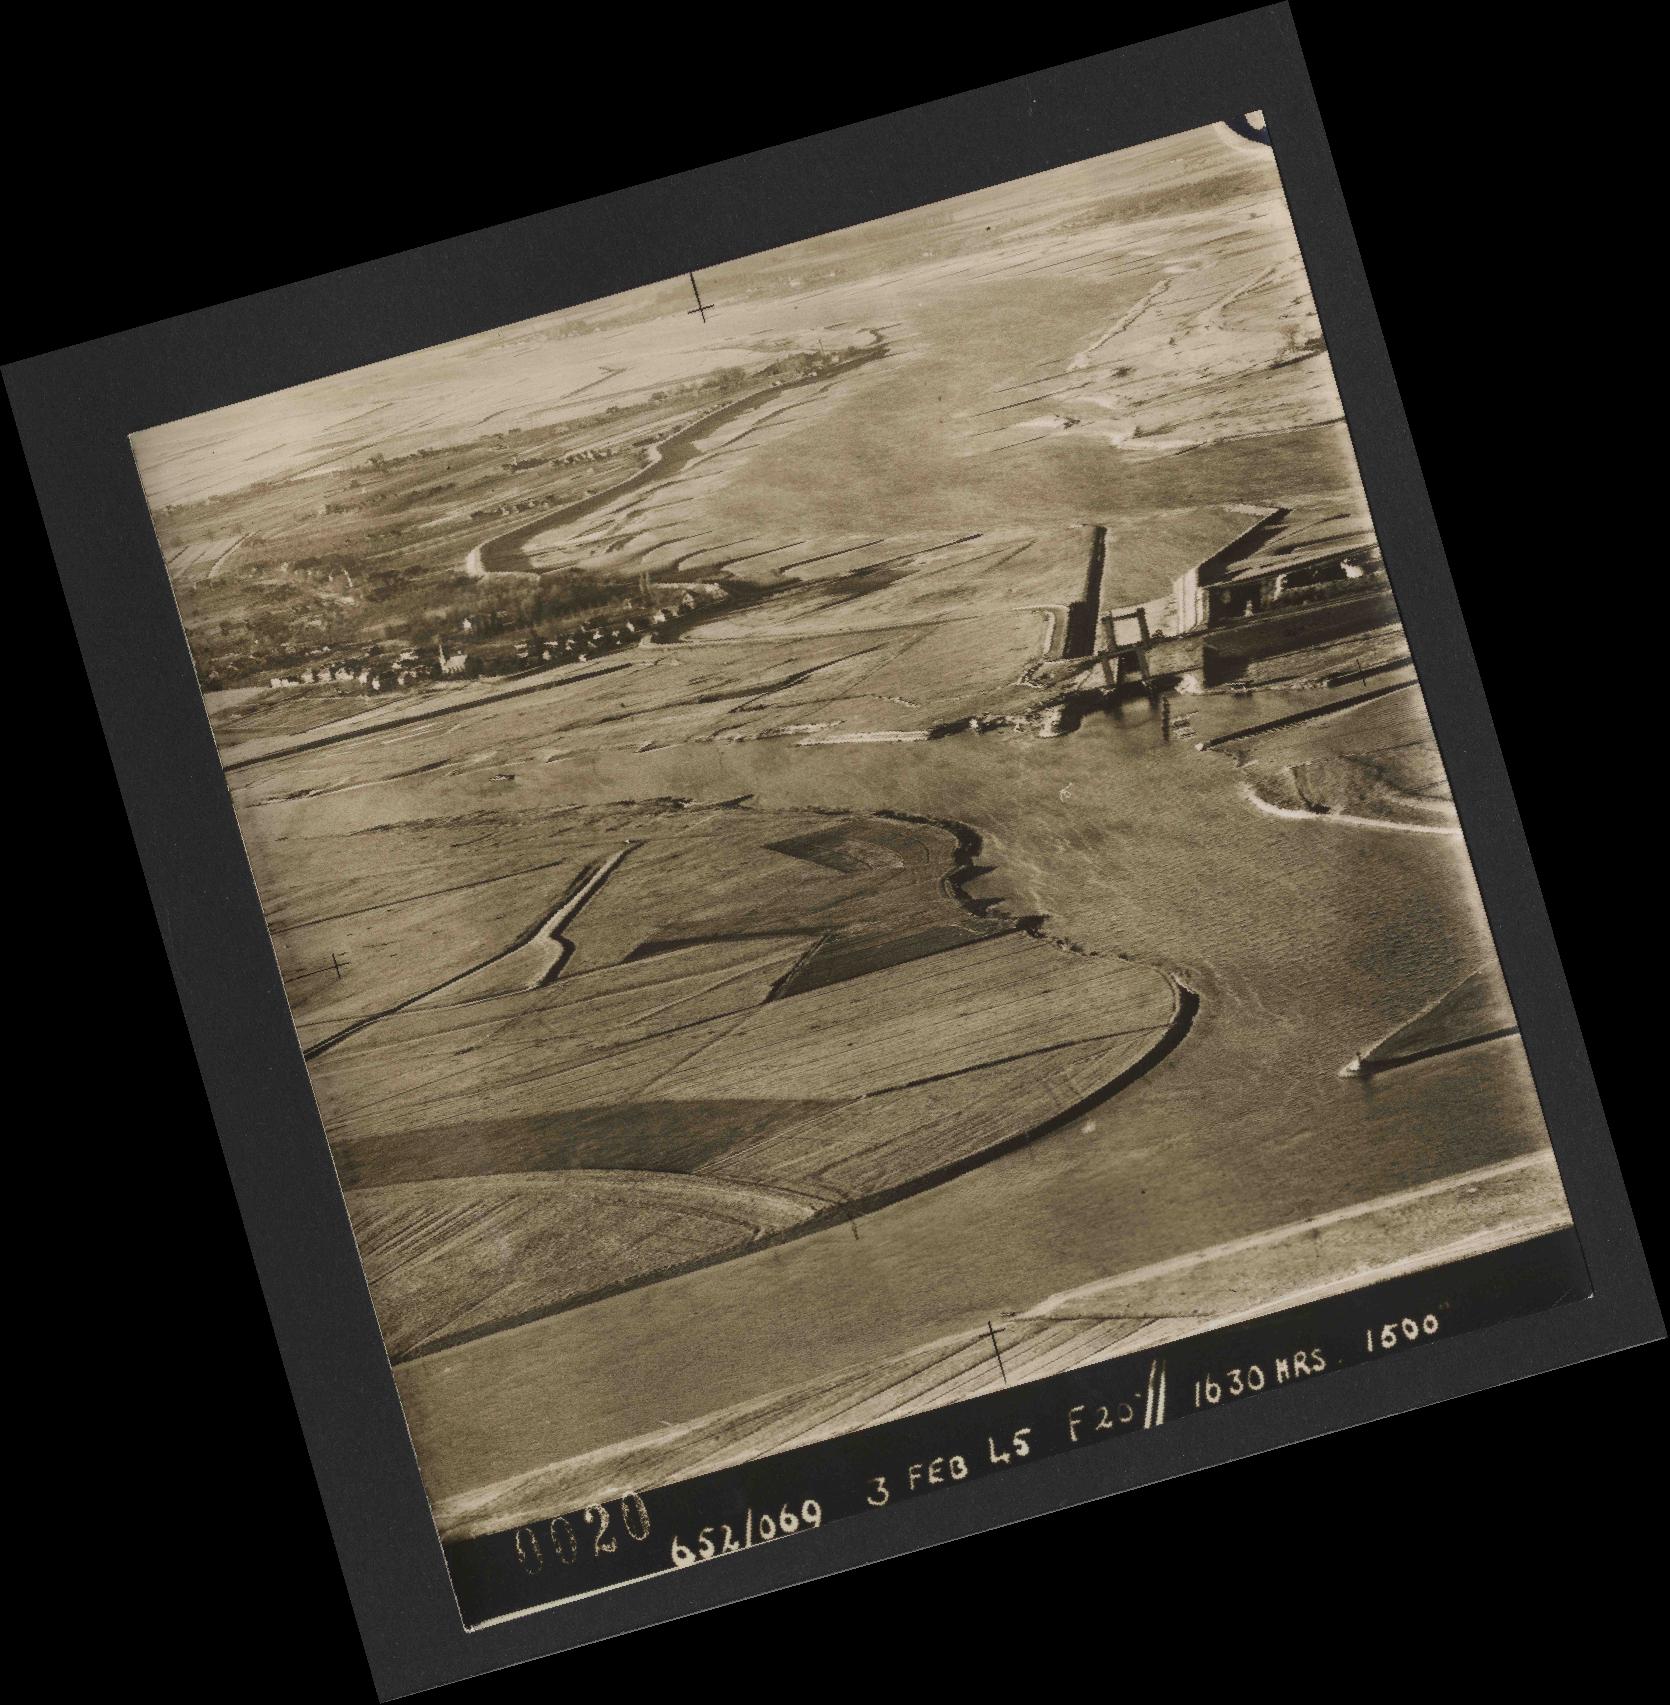 Collection RAF aerial photos 1940-1945 - flight 542, run 01, photo 0020